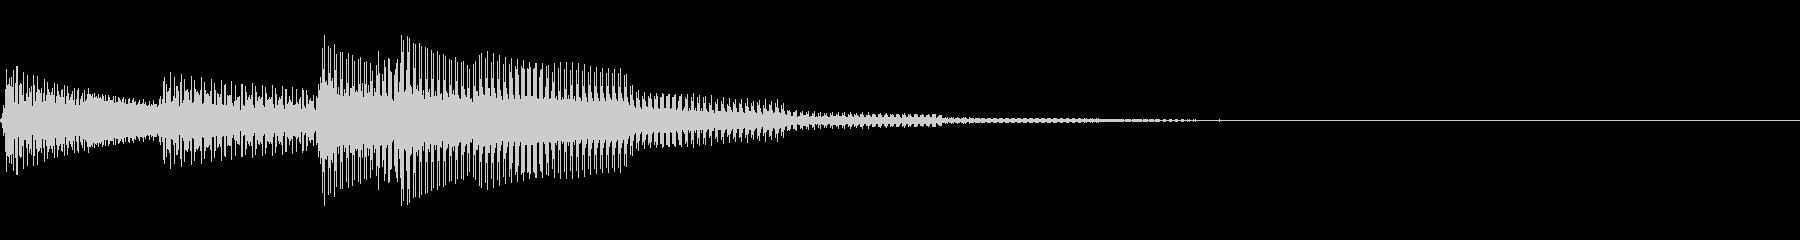 チャーン(回復クリア/ファミコン#5の未再生の波形